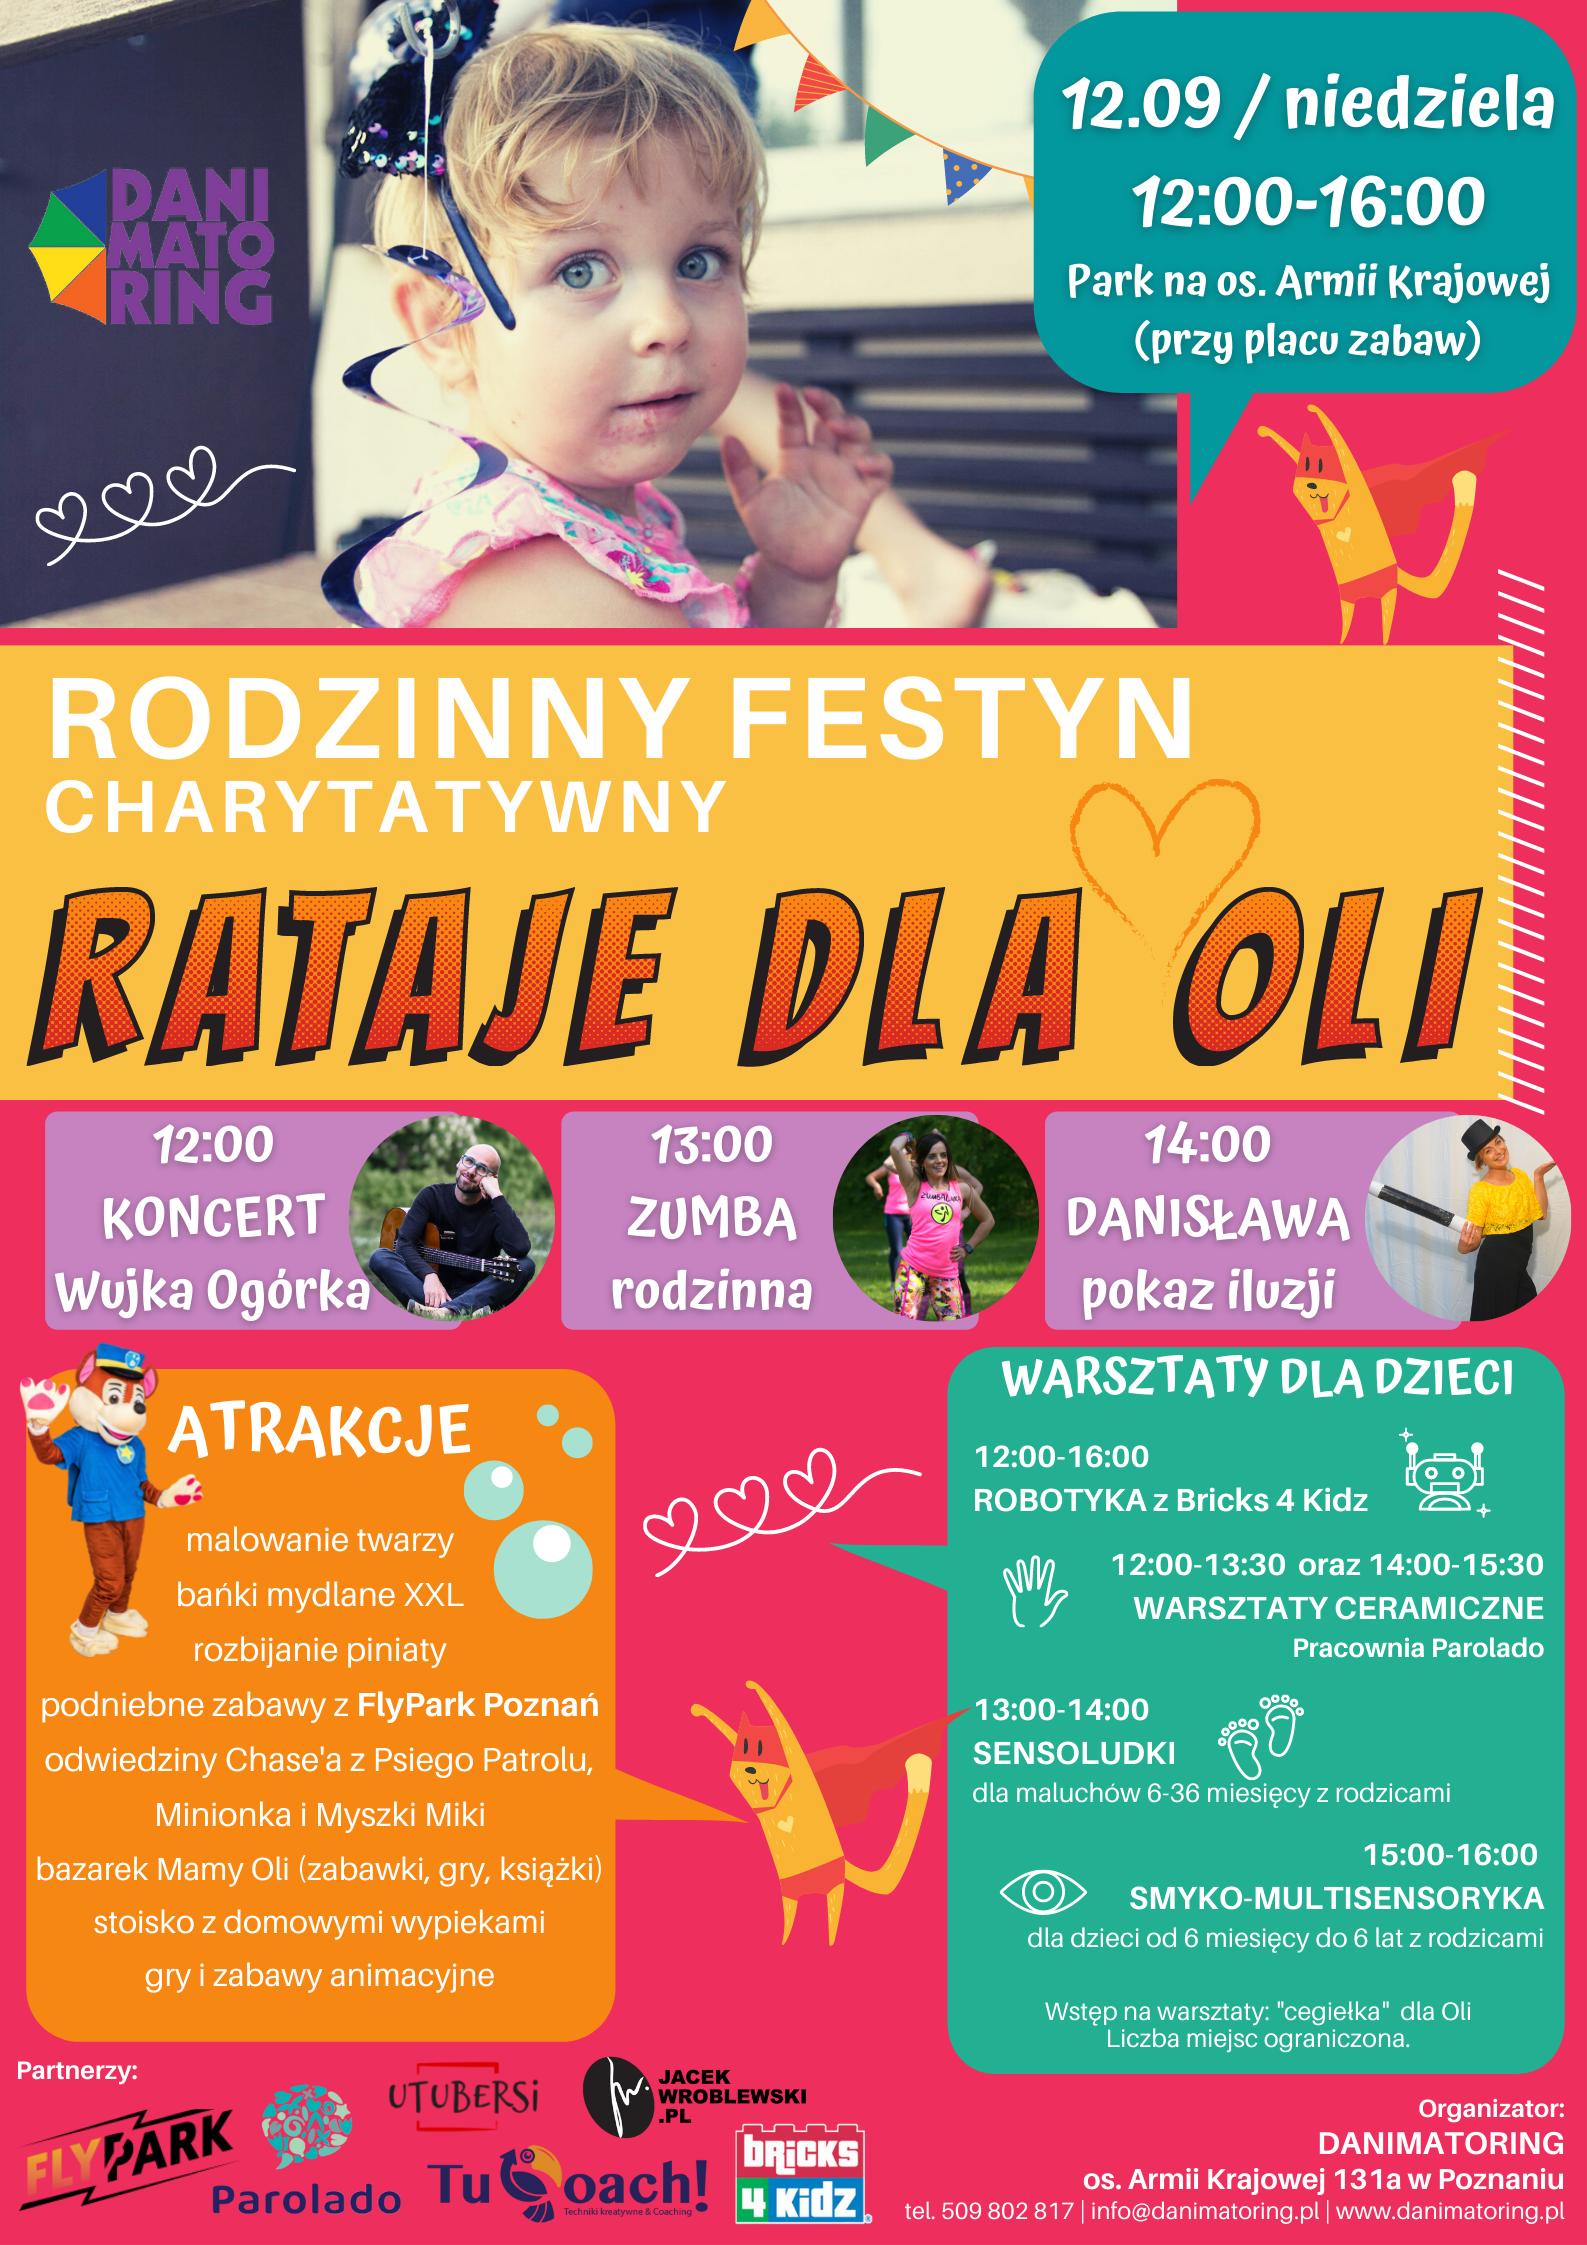 Rodzinny Festyn Charytatywny RATAJE DLA OLI